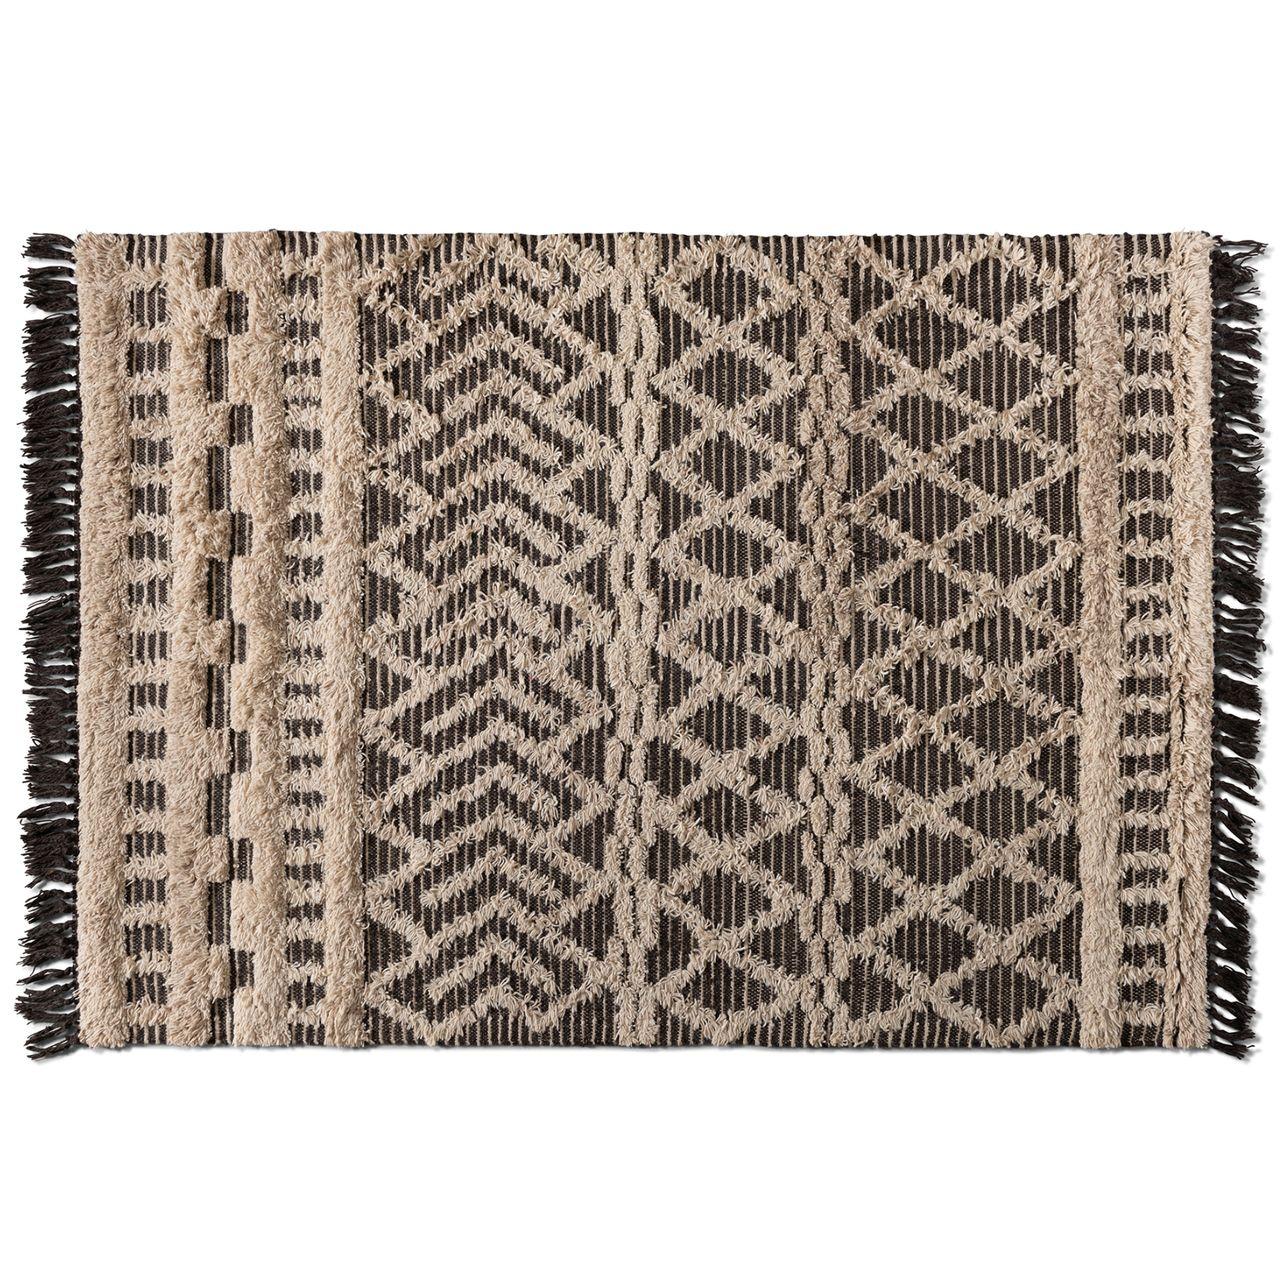 Baxton Studio Heino Ivory/Charcoal Handwoven Wool Area Rug